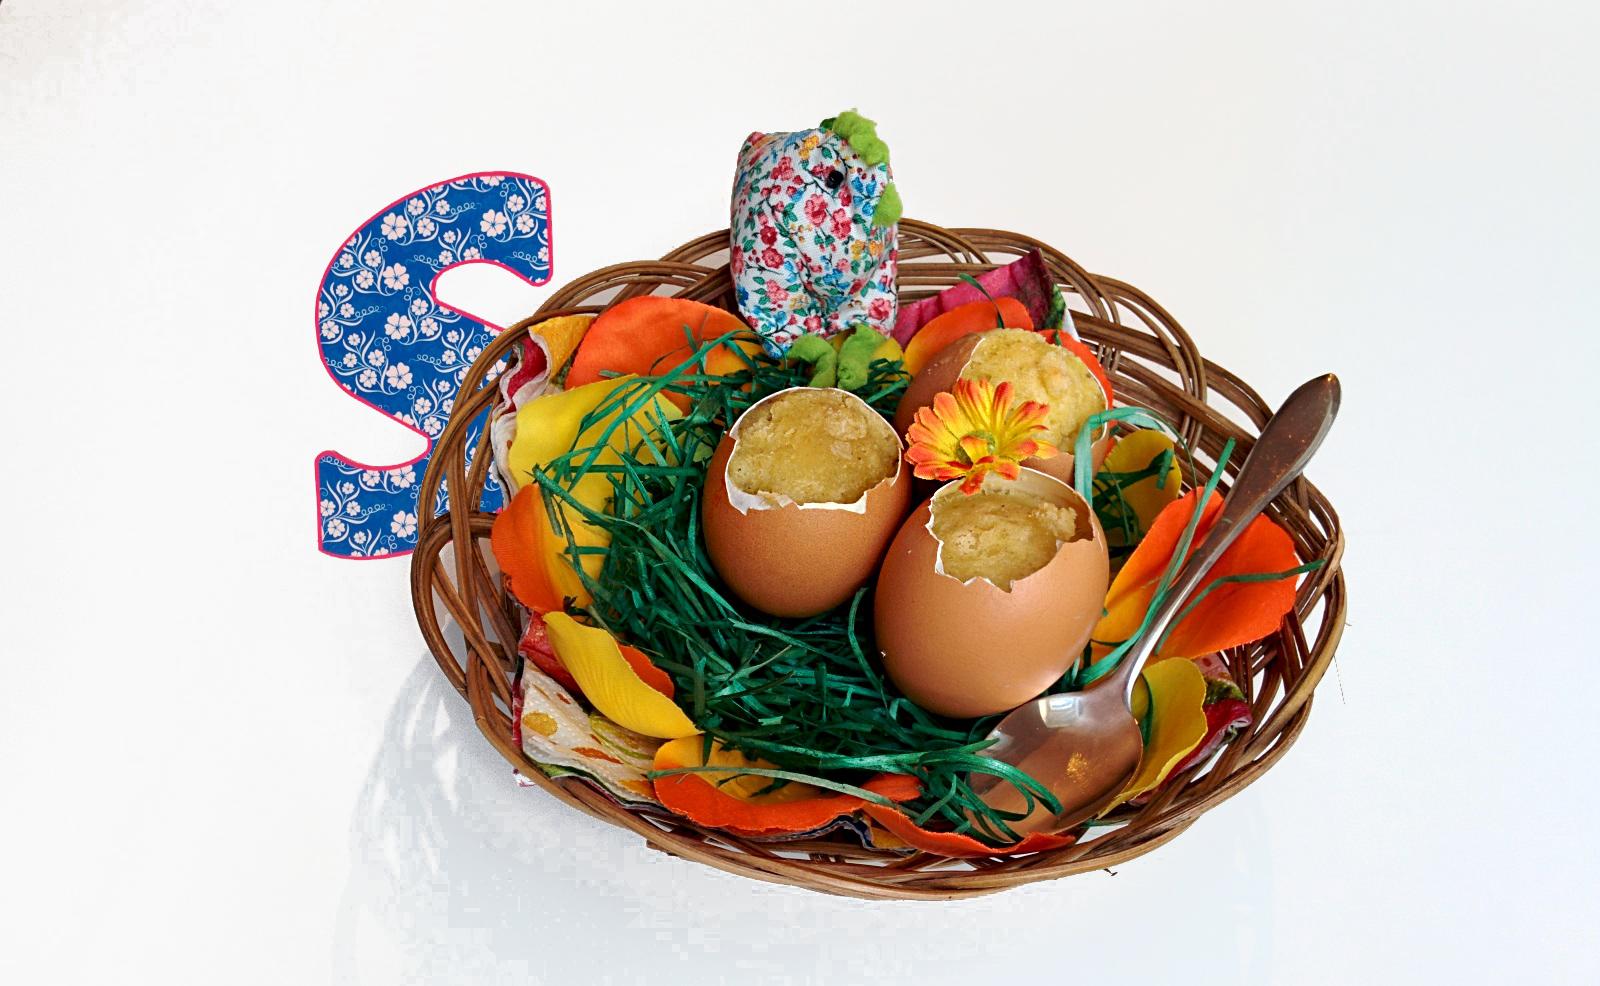 helen s art of cooking eiersuche eierlik rkuchen im ei. Black Bedroom Furniture Sets. Home Design Ideas